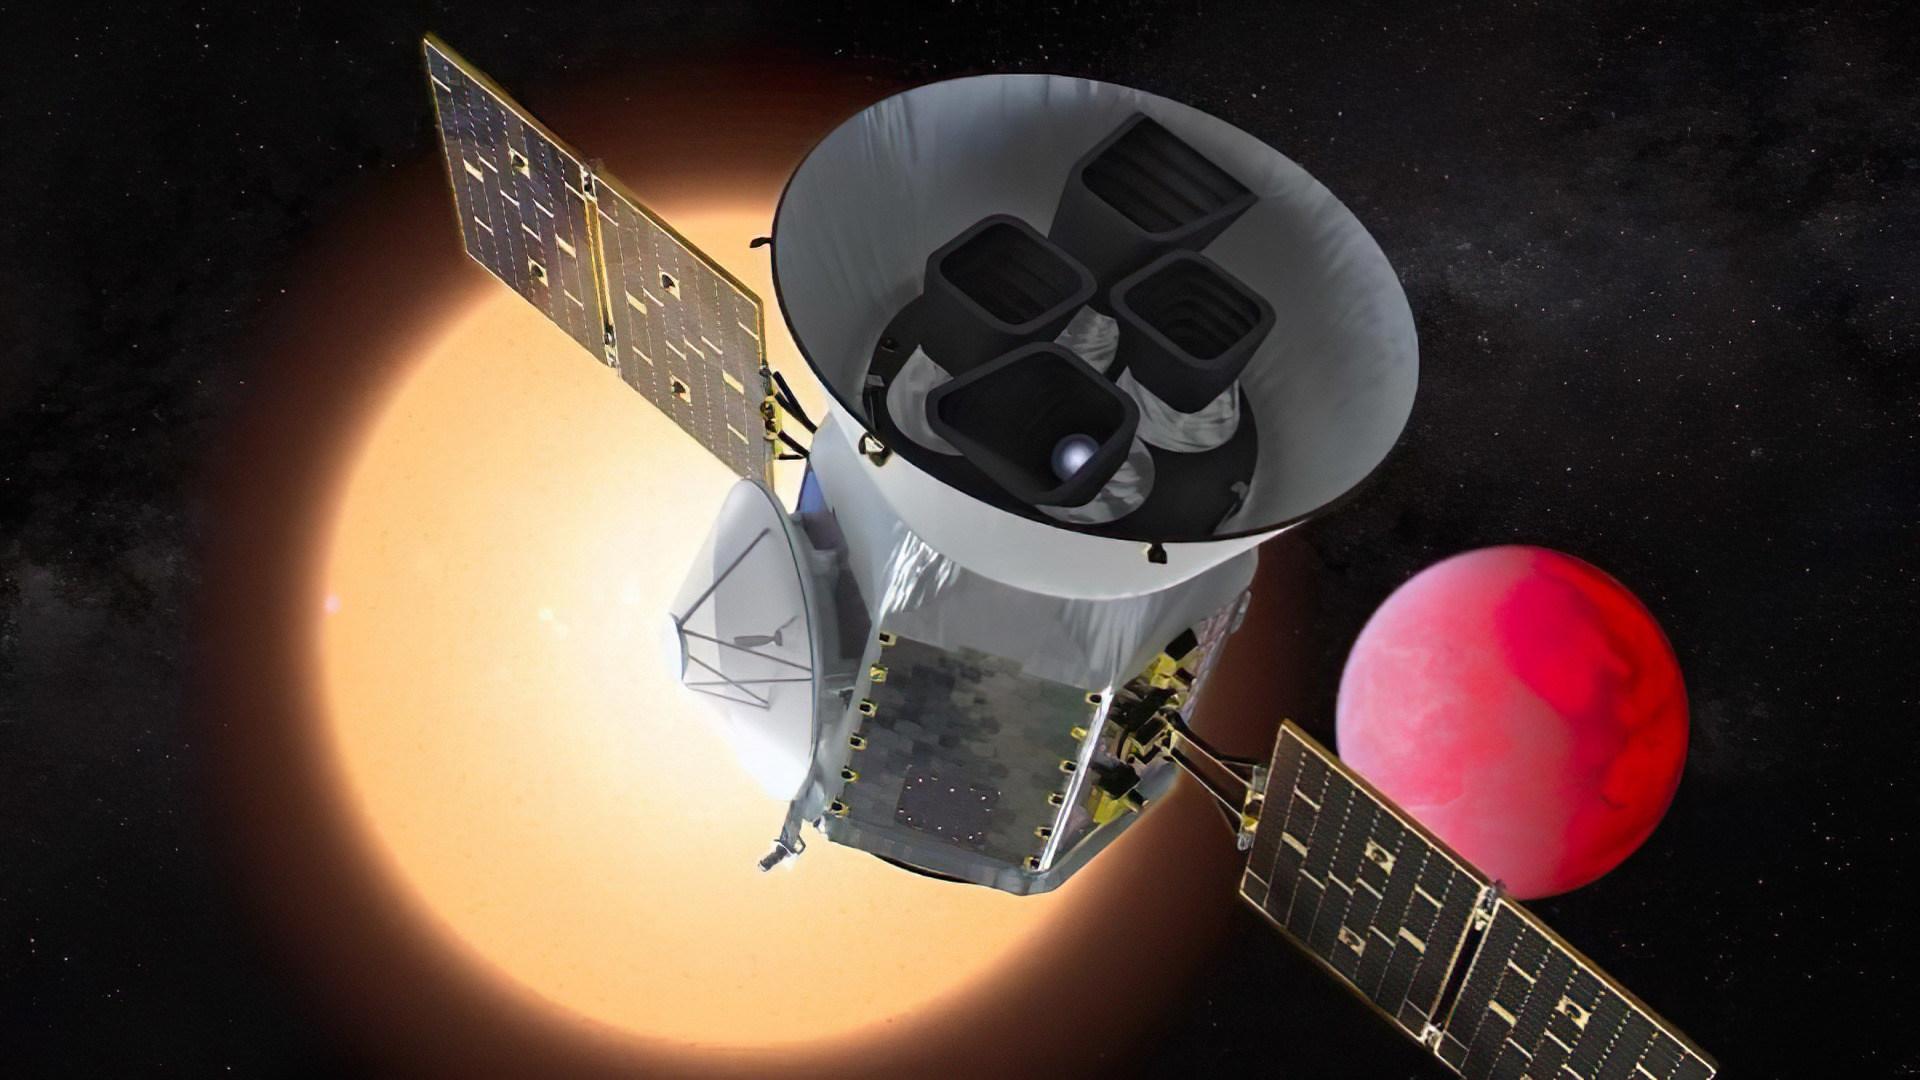 Nasa, Planet, exoplanet, TESS, Transiting Exoplanet Survey Satellite